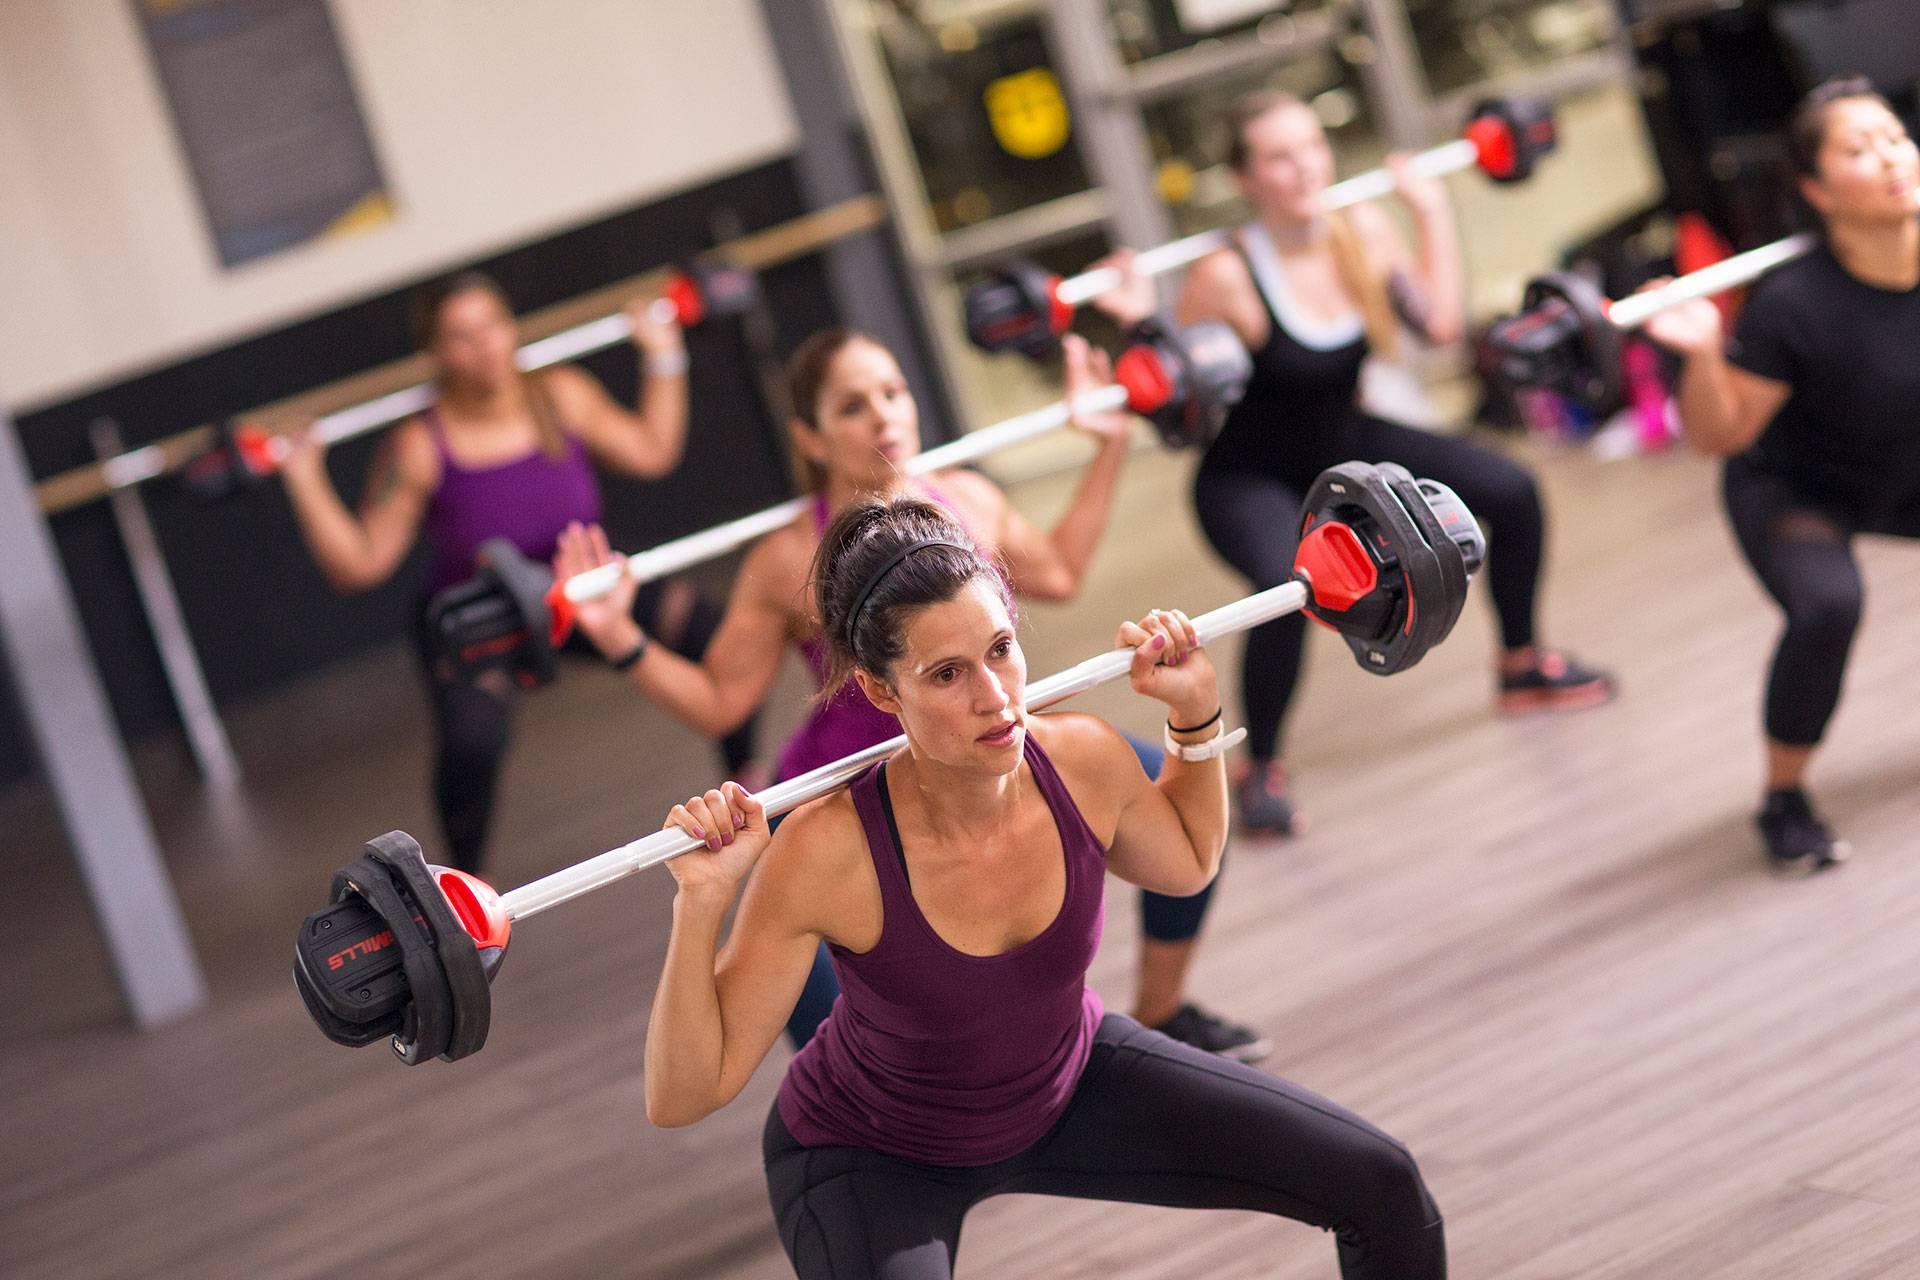 Занятие pump. что такое body pump в фитнесе и видео с тренировками